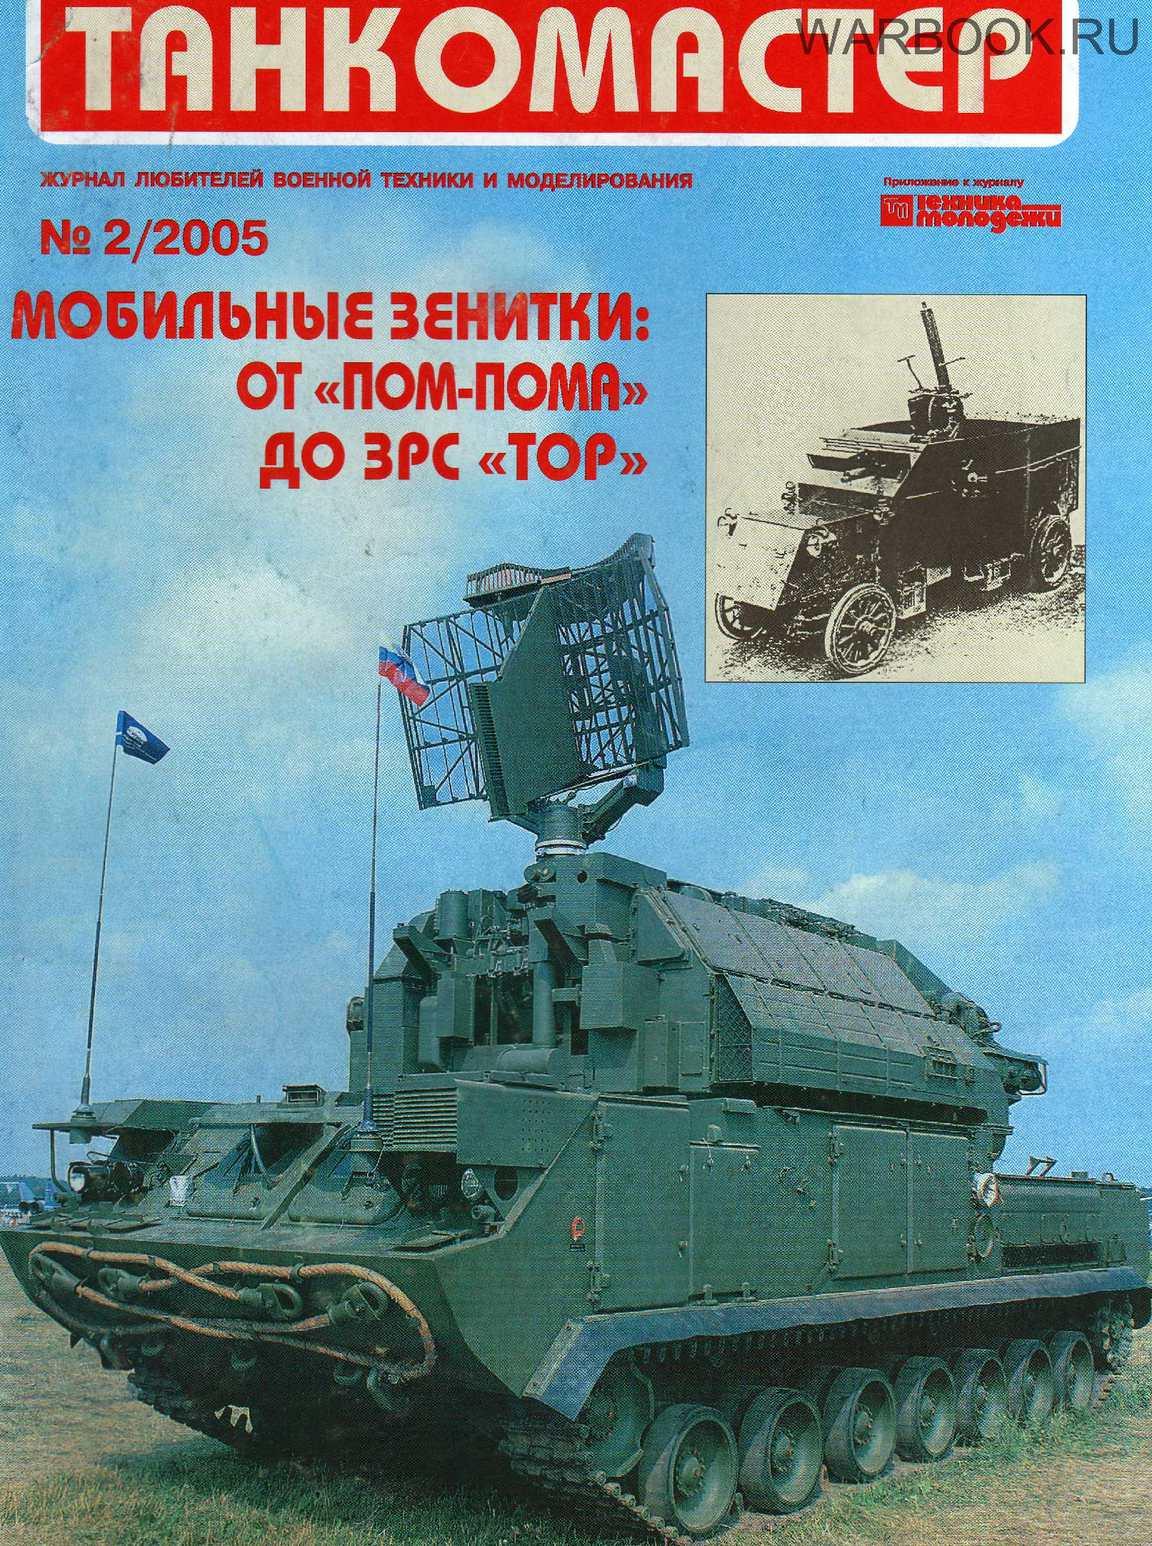 Танкомастер 2005-02